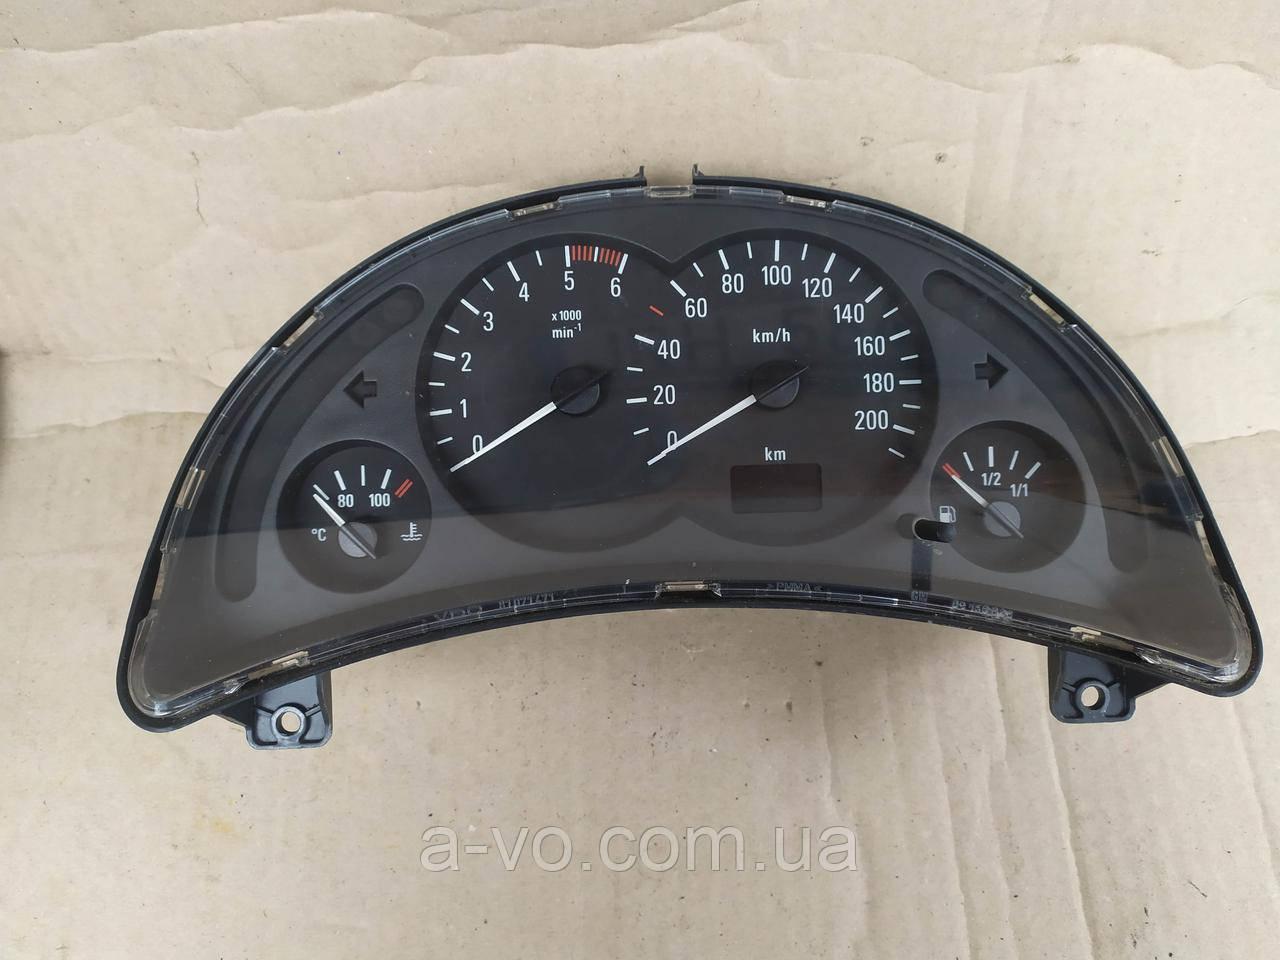 Щиток панель приборов Opel Corsa C 1.7DTI  , 09166808FB